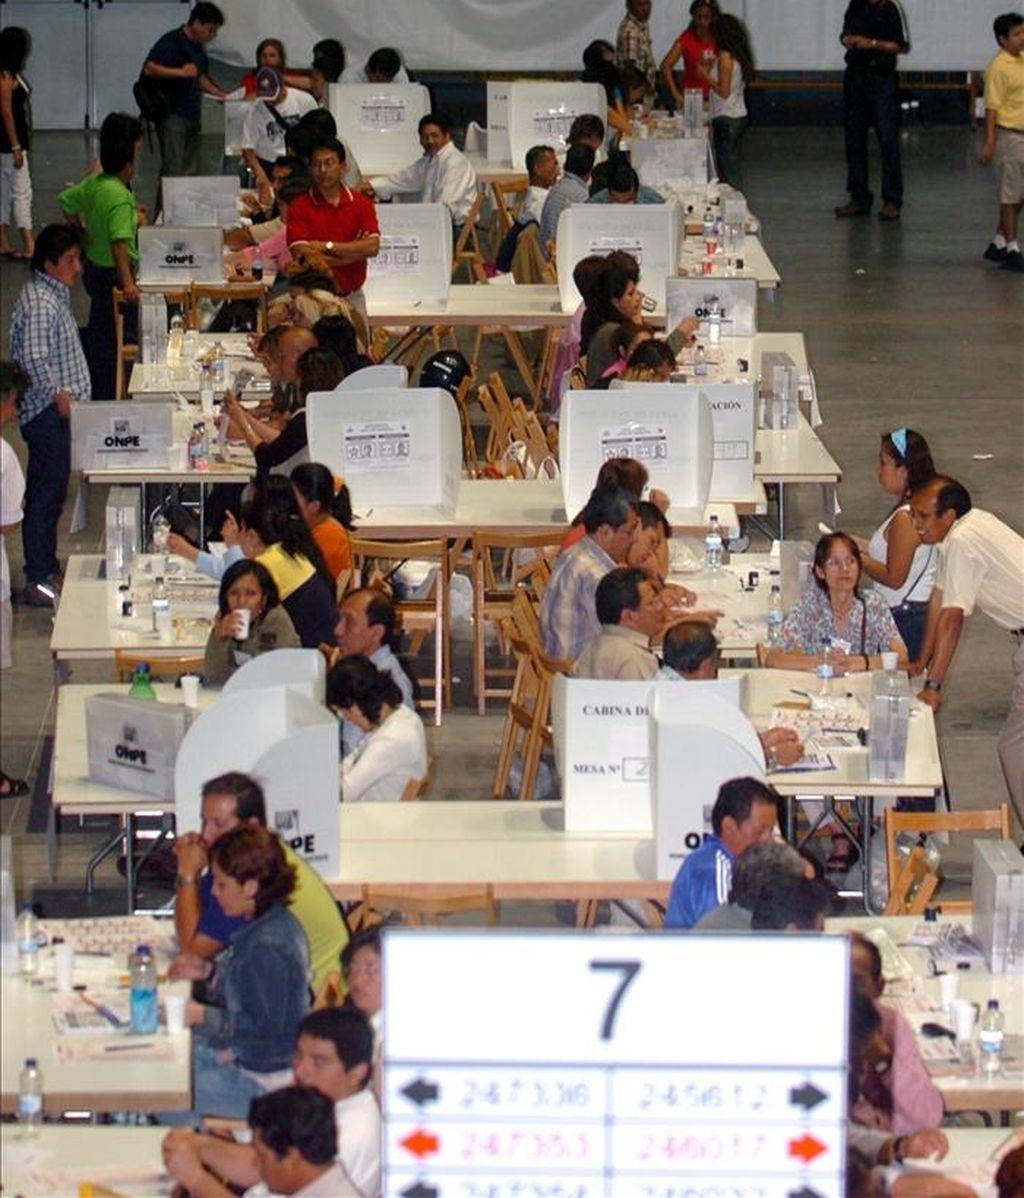 Inmigrantes peruanos residentes en España durante las votaciones de las elecciones presidenciales de Perú de 2006 en las mesas electorales instaladas en Madrid. EFE/Archivo